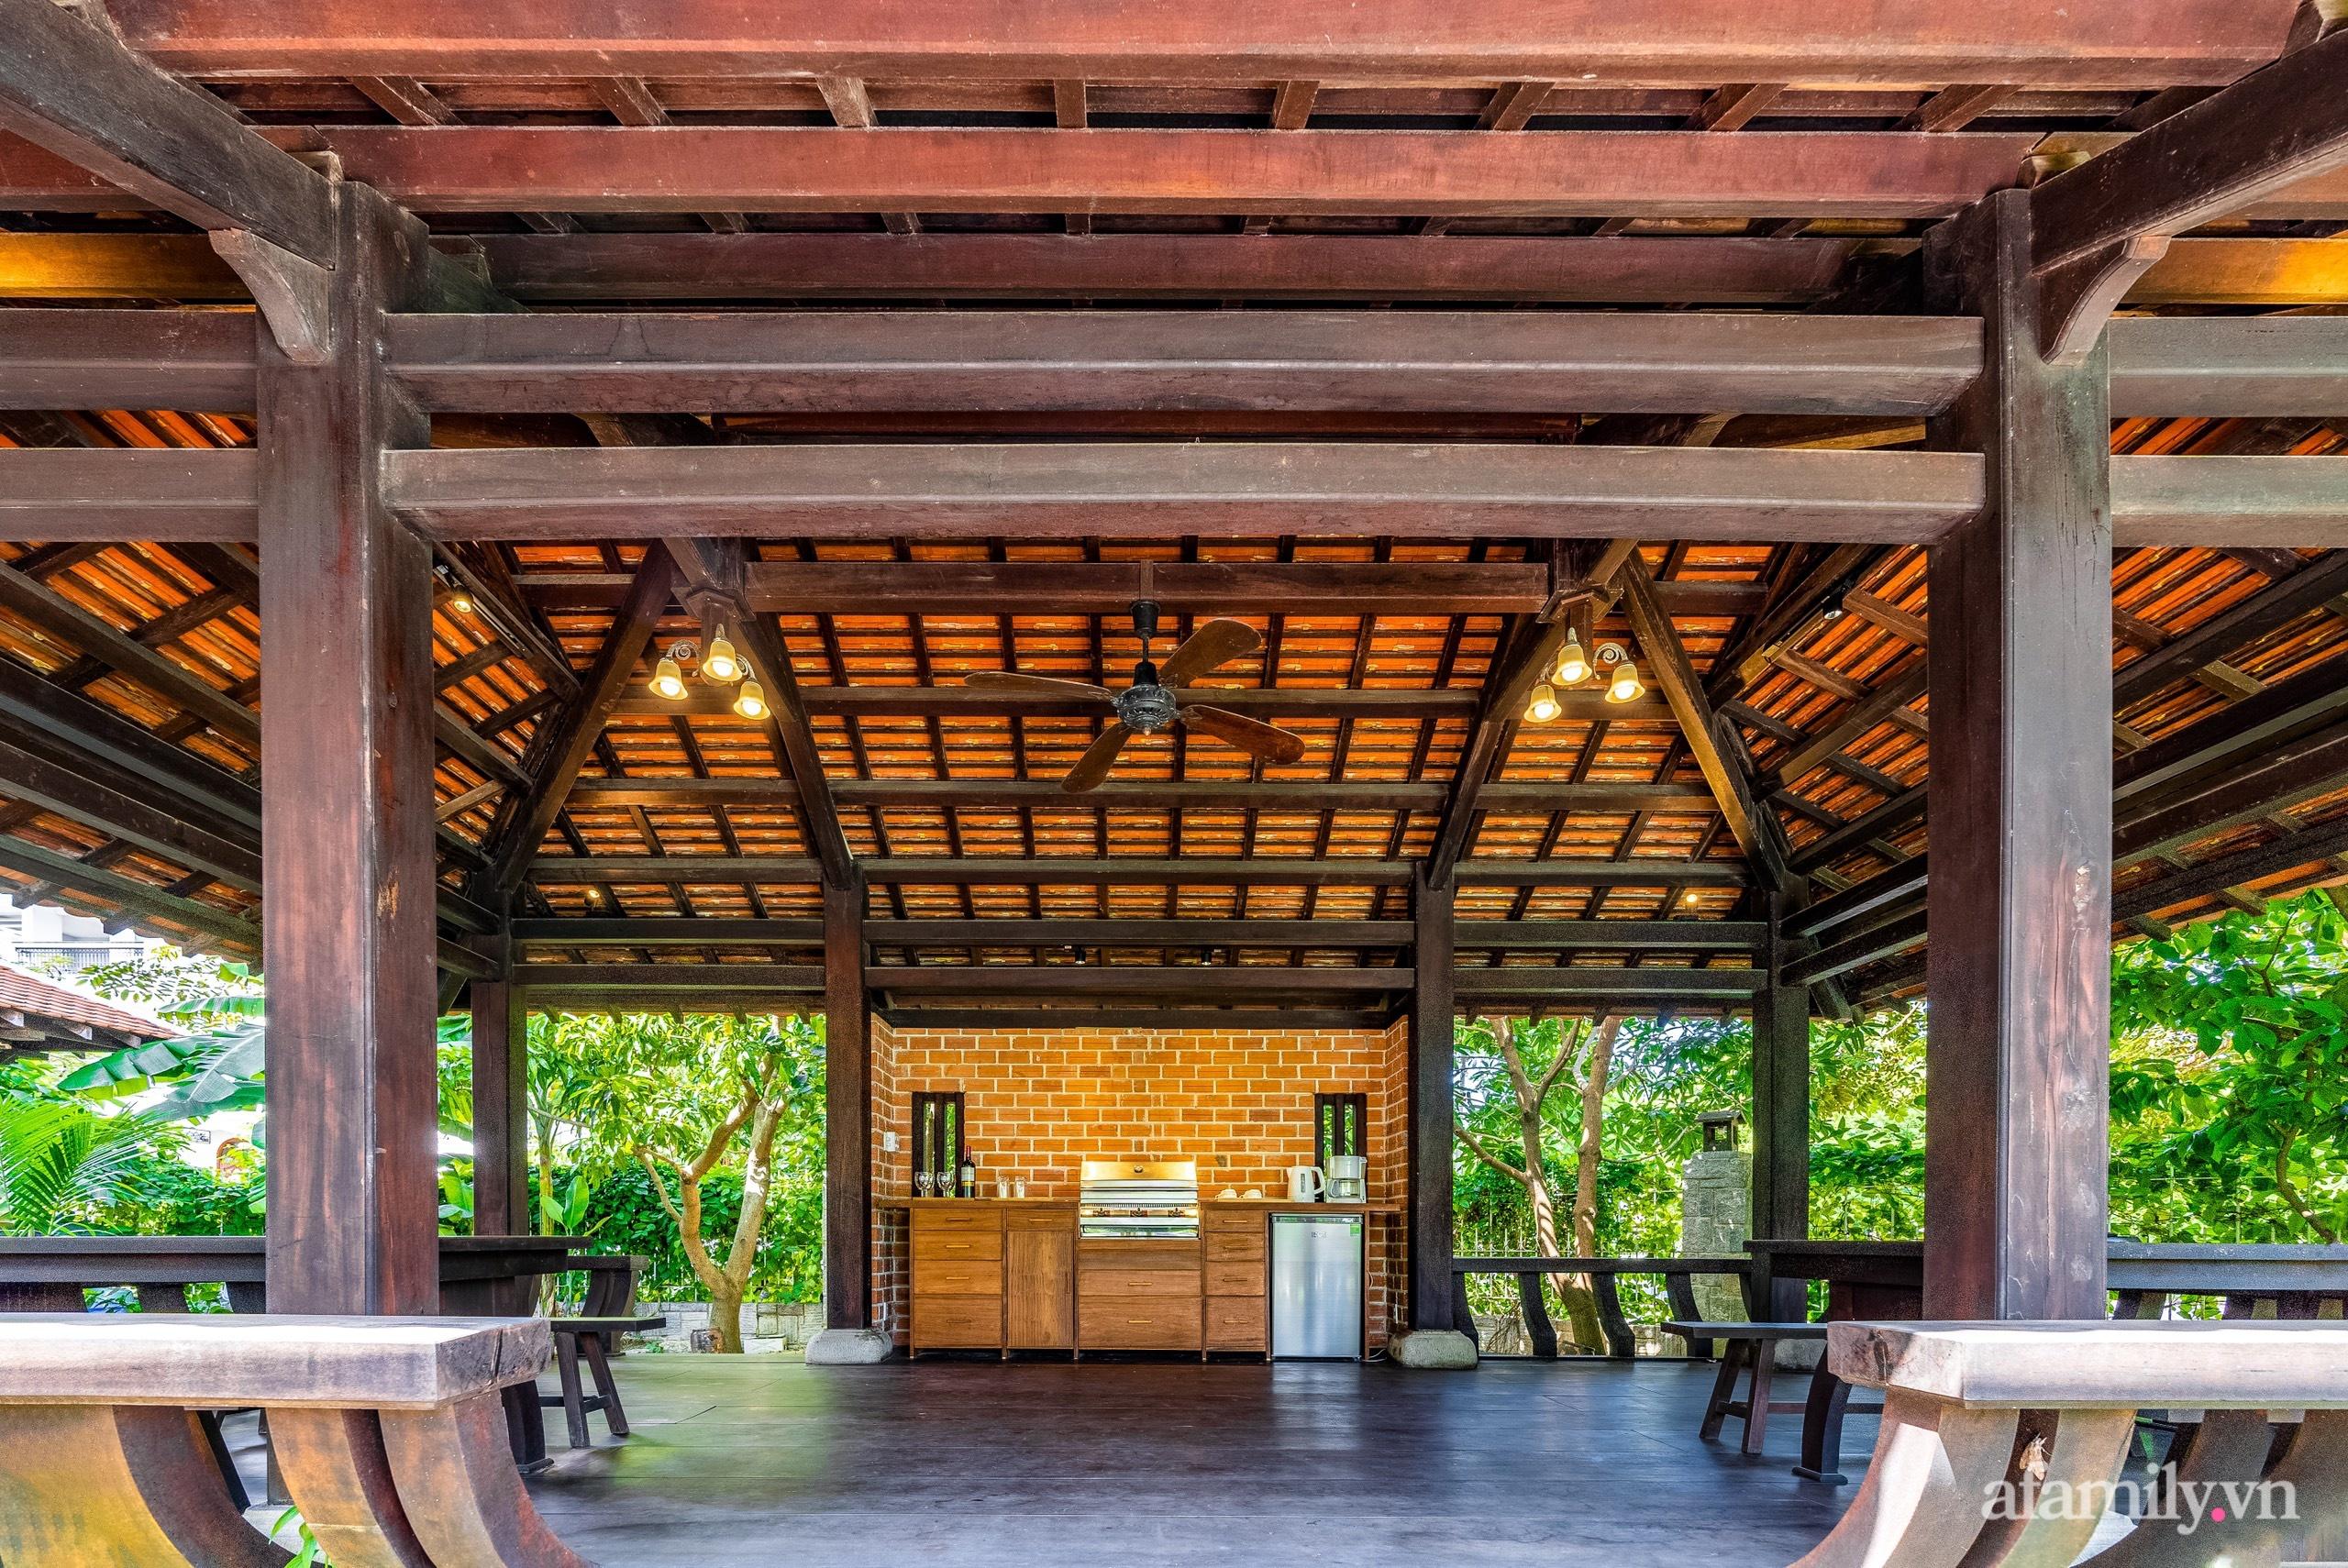 Căn nhà vườn xây 10 năm vẫn đẹp hút mắt với nội thất gỗ và cây xanh quanh nhà ở Nha Trang-6